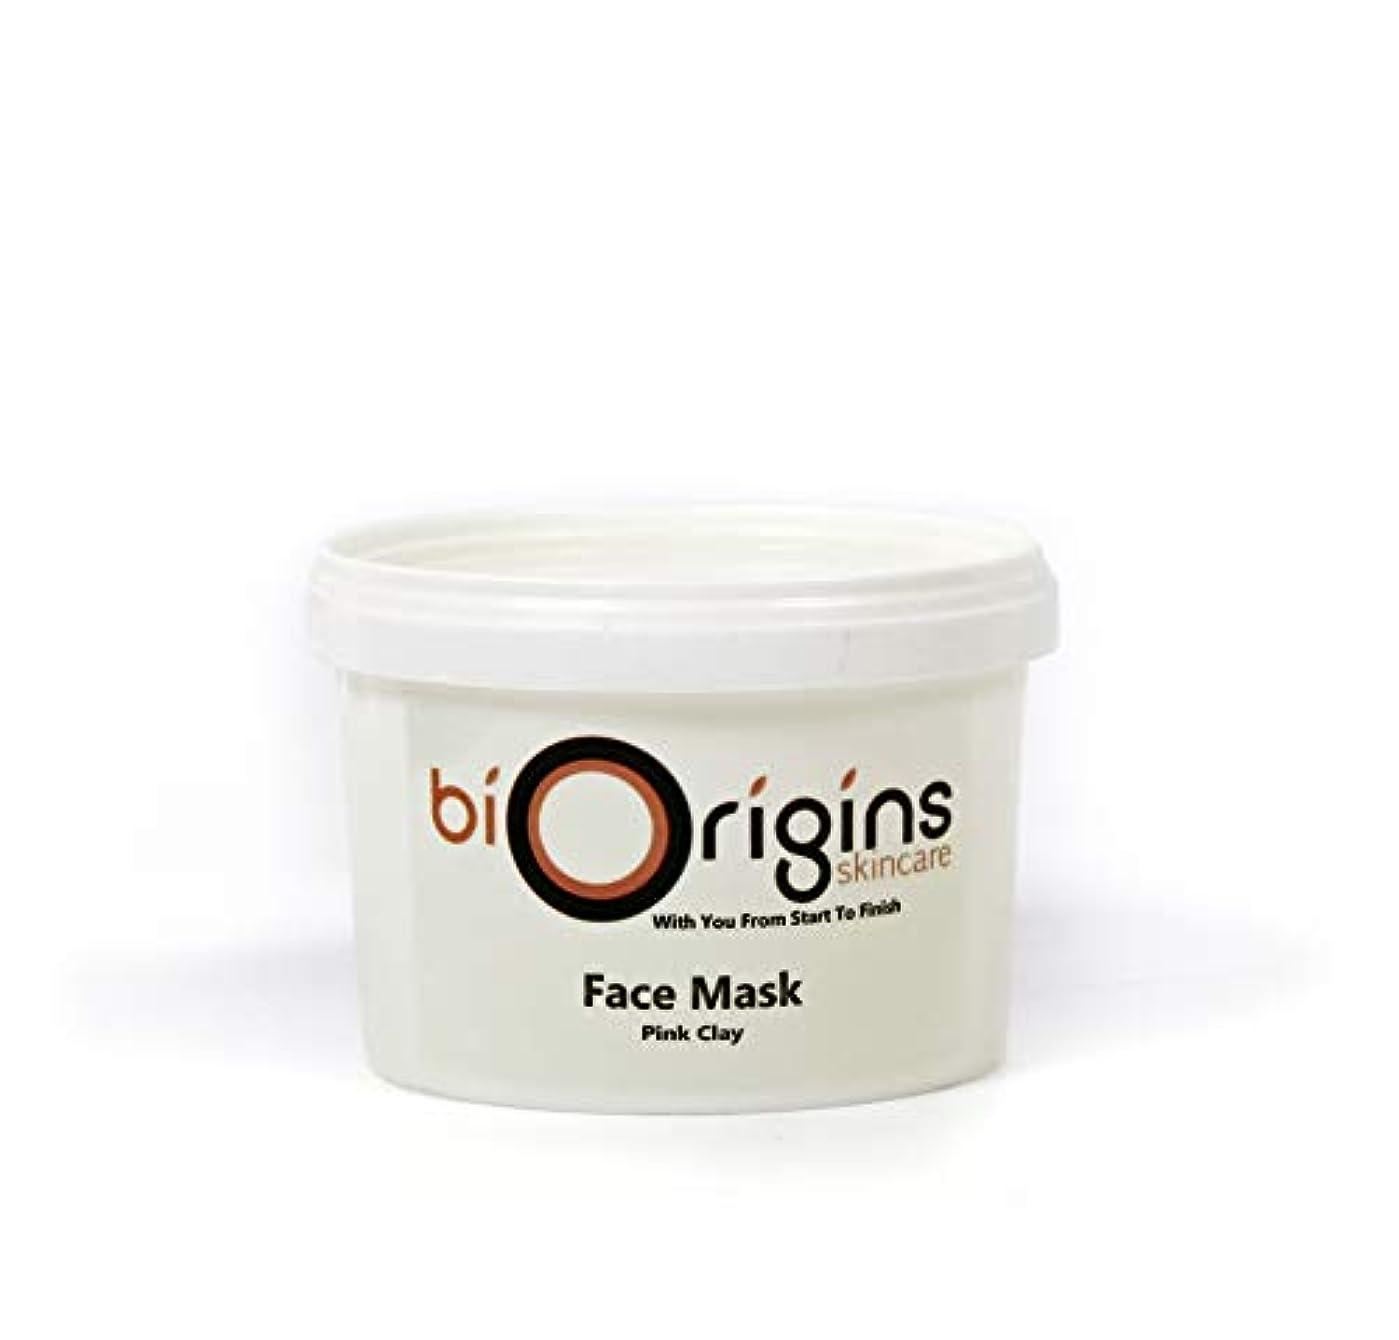 Face Mask - Pink Clay - Botanical Skincare Base - 500g